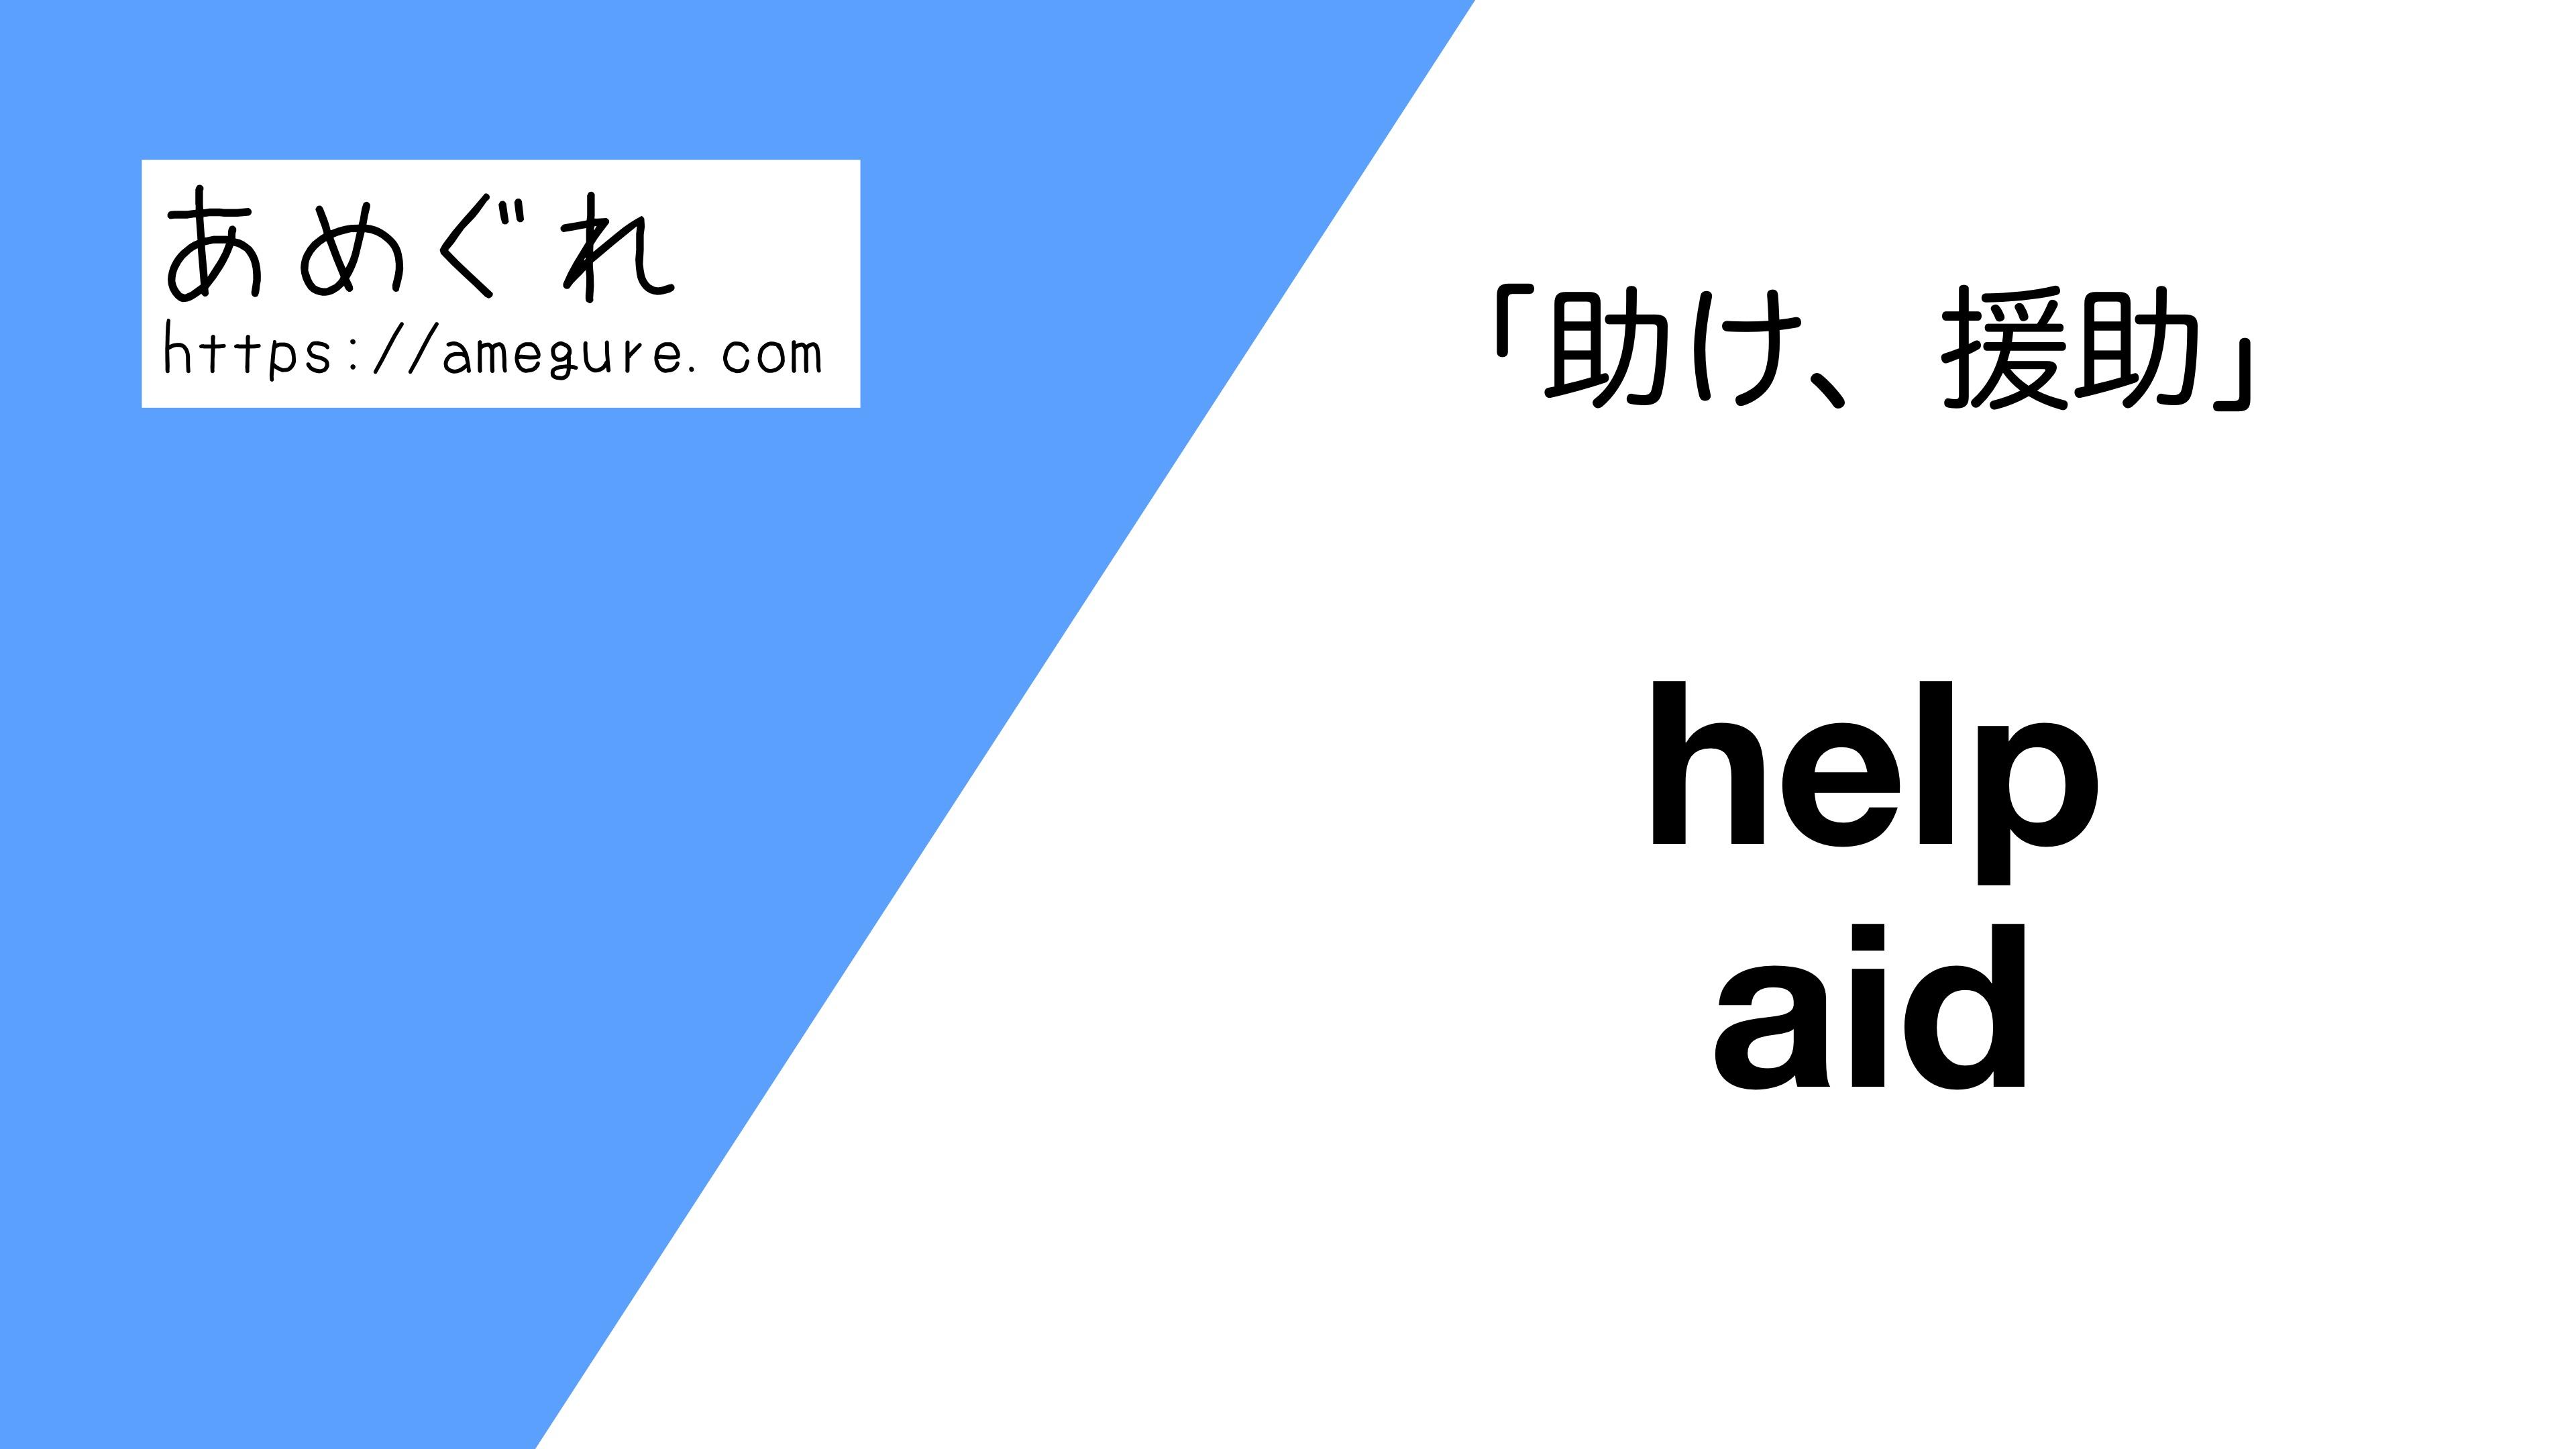 help-aid違い